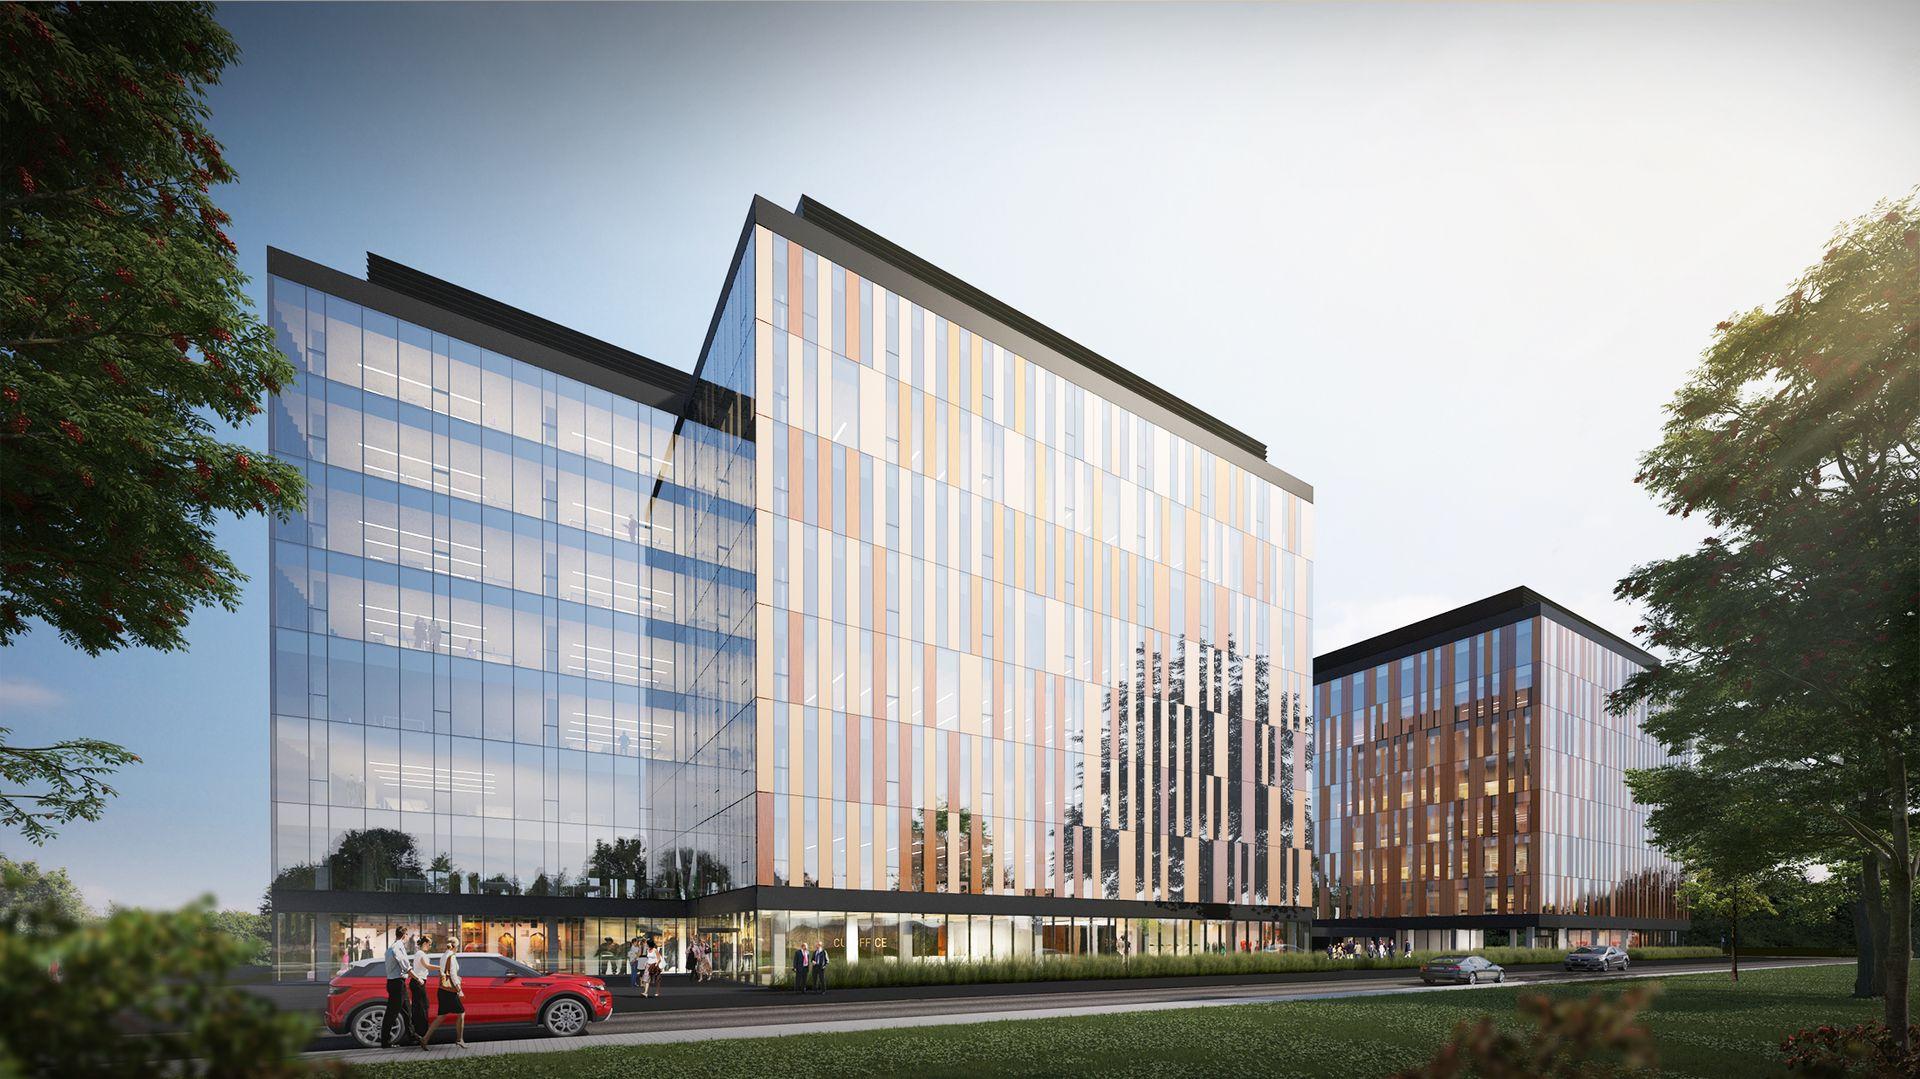 [Wrocław] Cu Office. Przy Jaworskiej powstaje kompleks biurowy [WIZUALIZACJA]